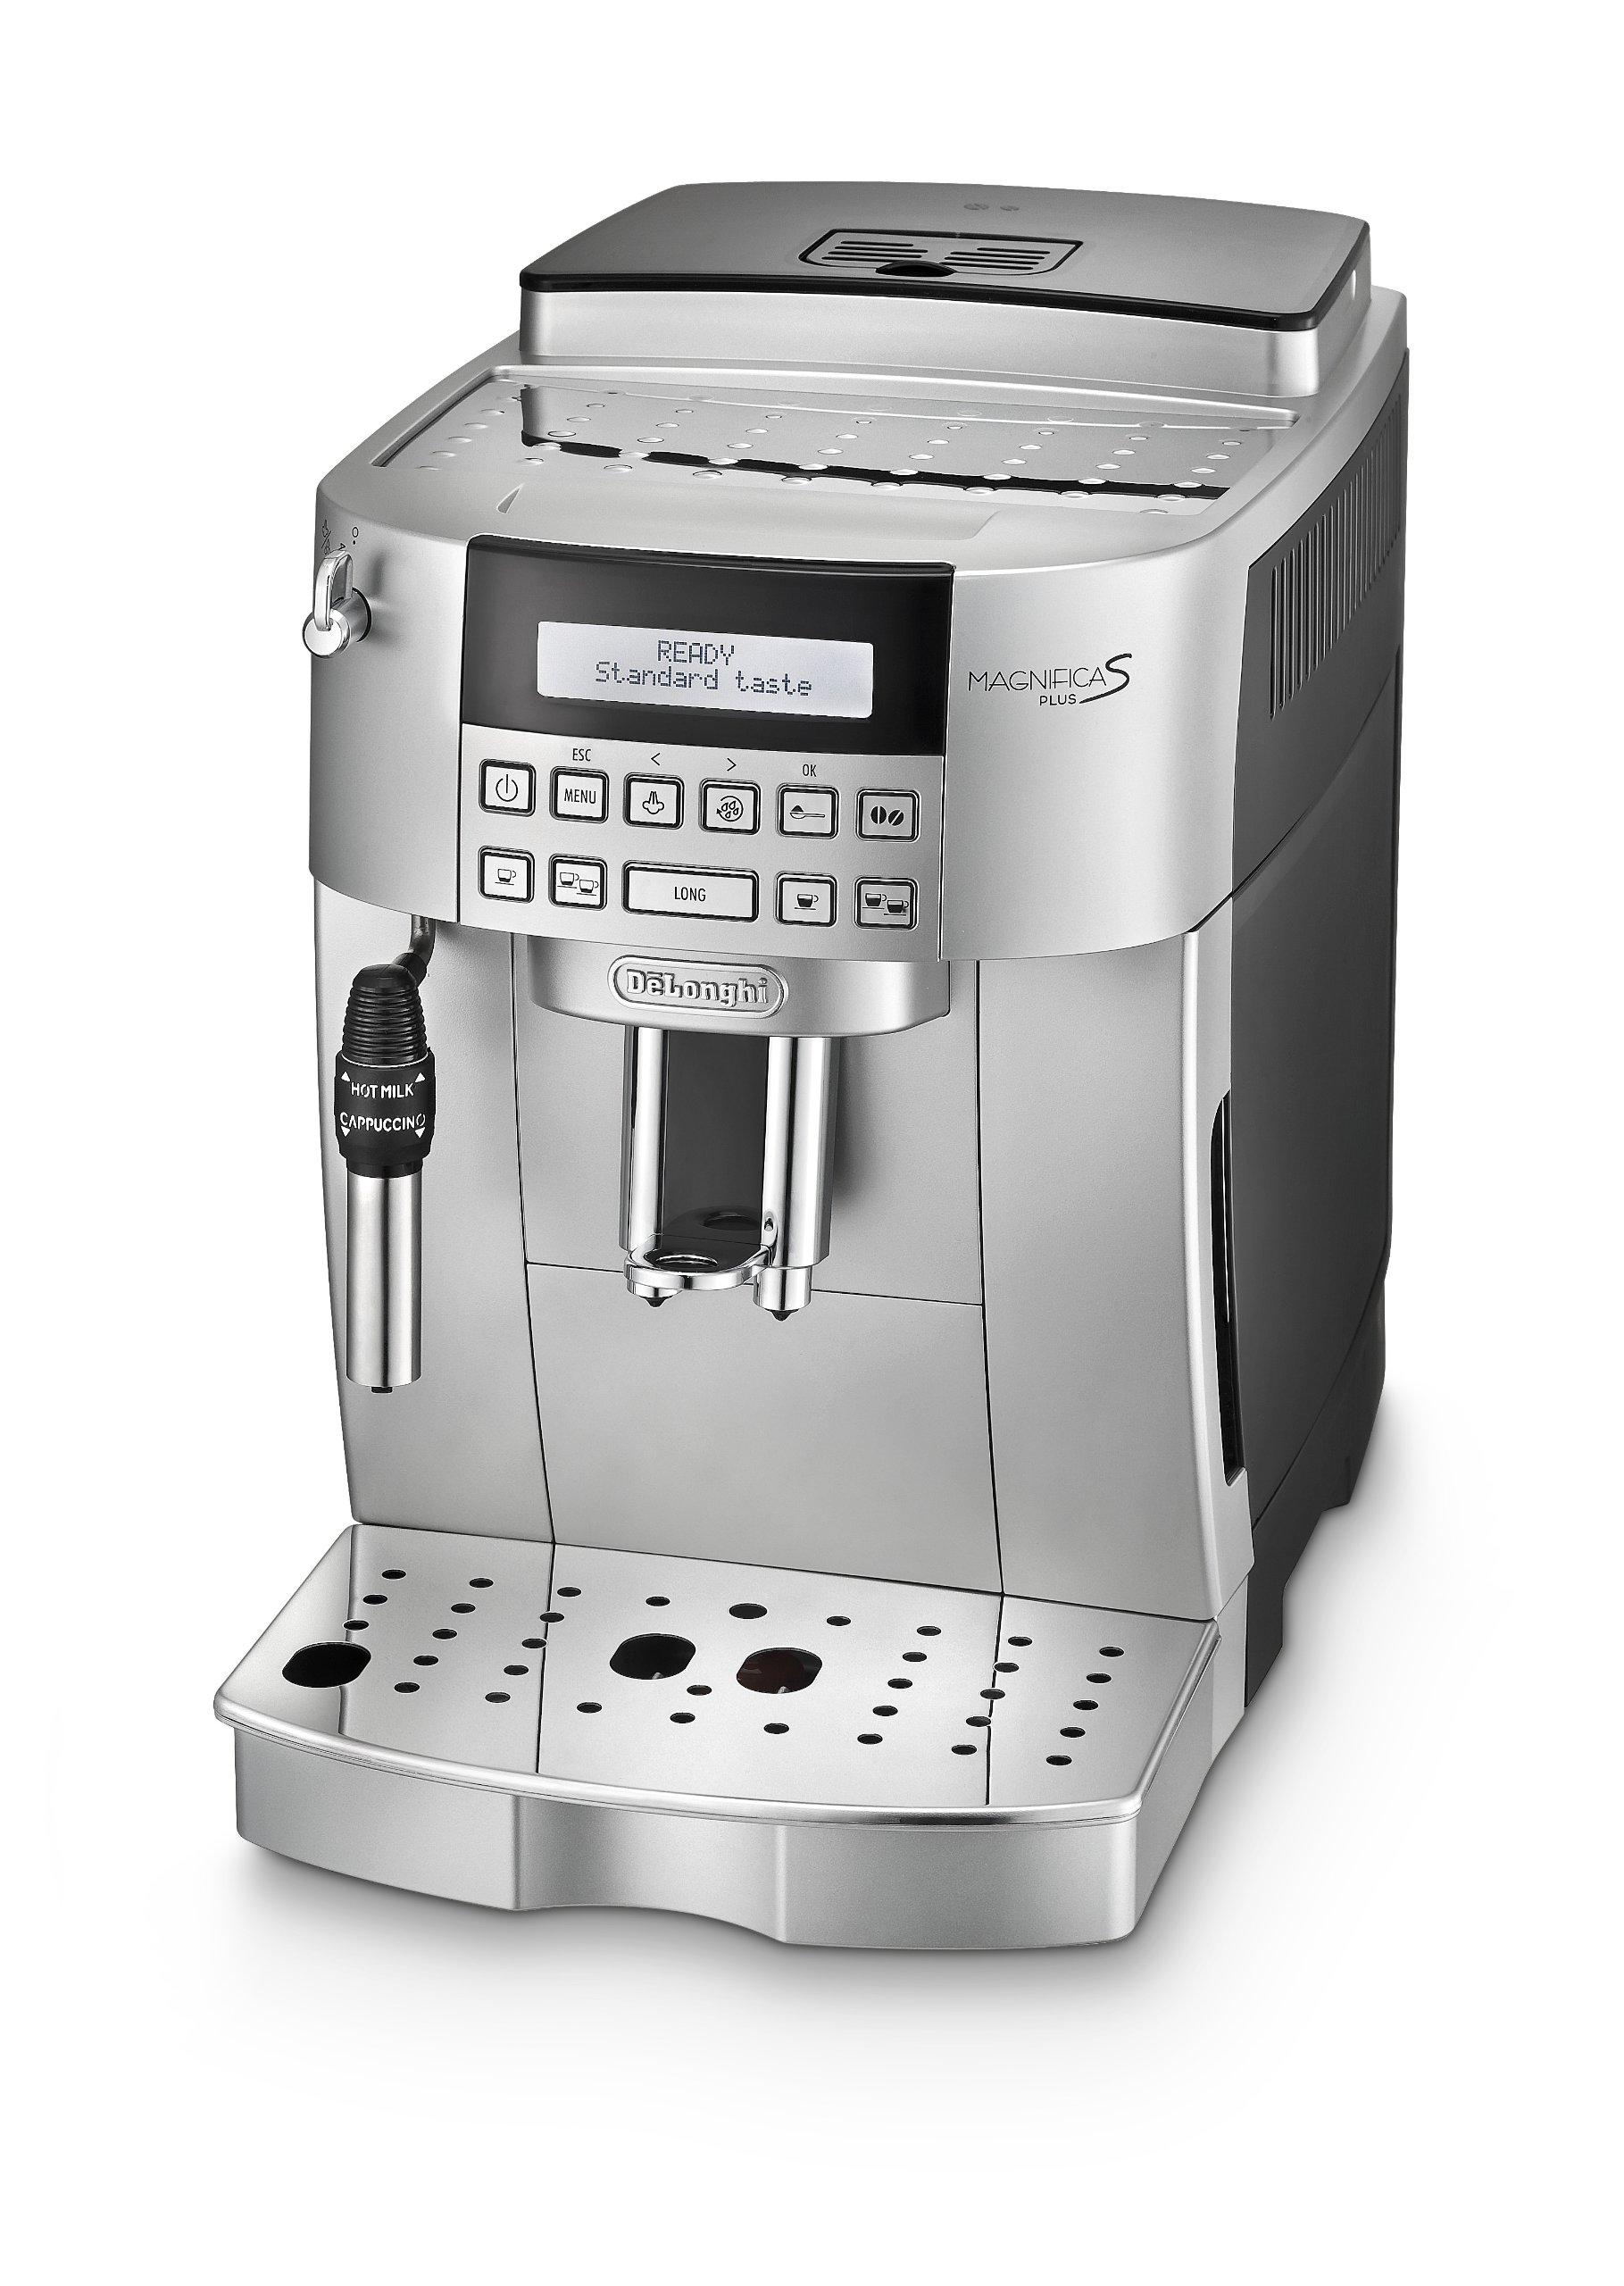 De-Longhi-ecam22320b-magnifica-s-Maschine-fr-Kaffee-superautomatica-silber